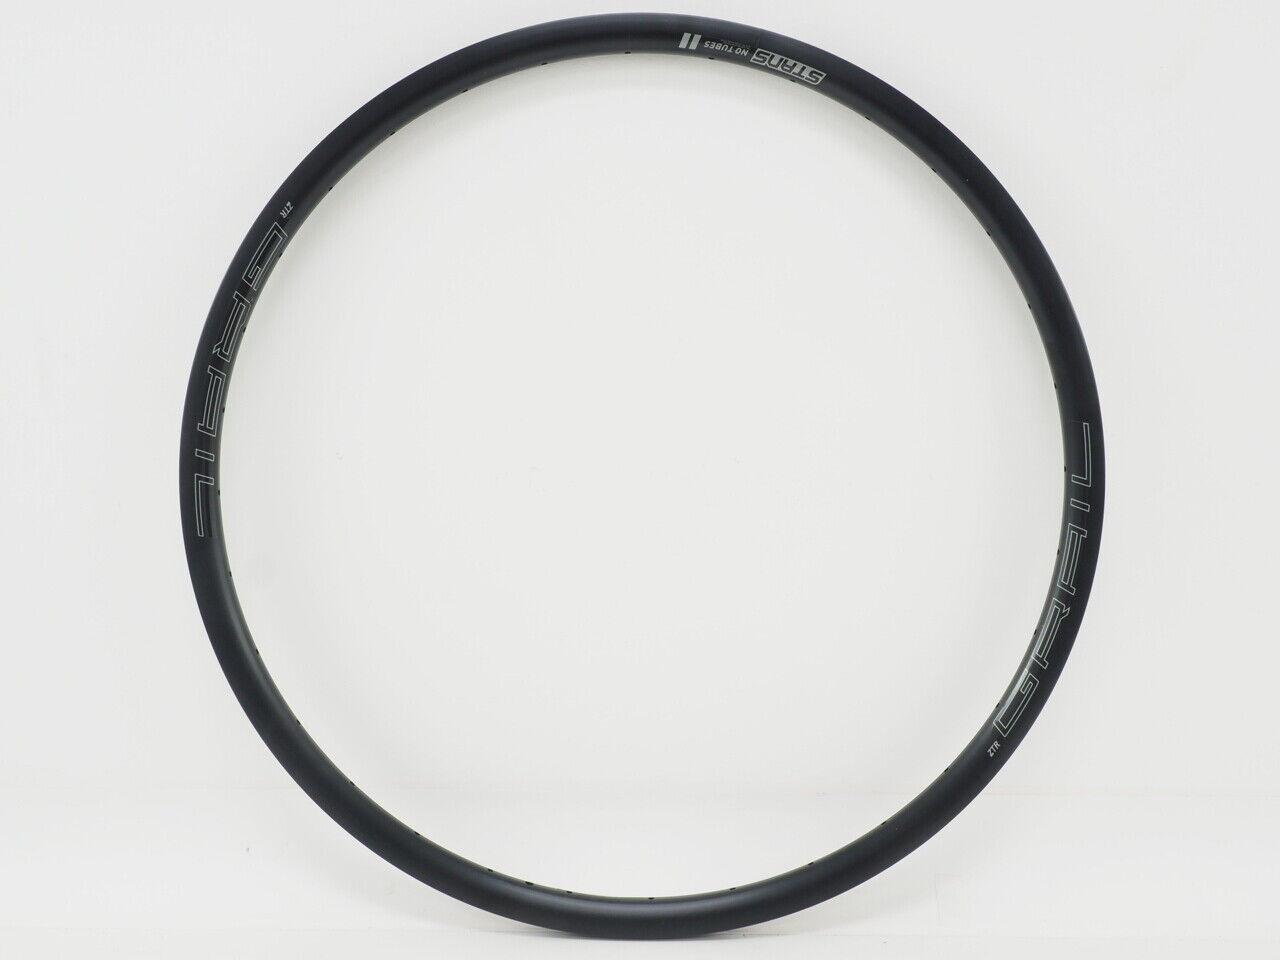 New Stan/'s No Tubes Grail 700c Rim Black 32H 700c Disc Brake RTGR90024